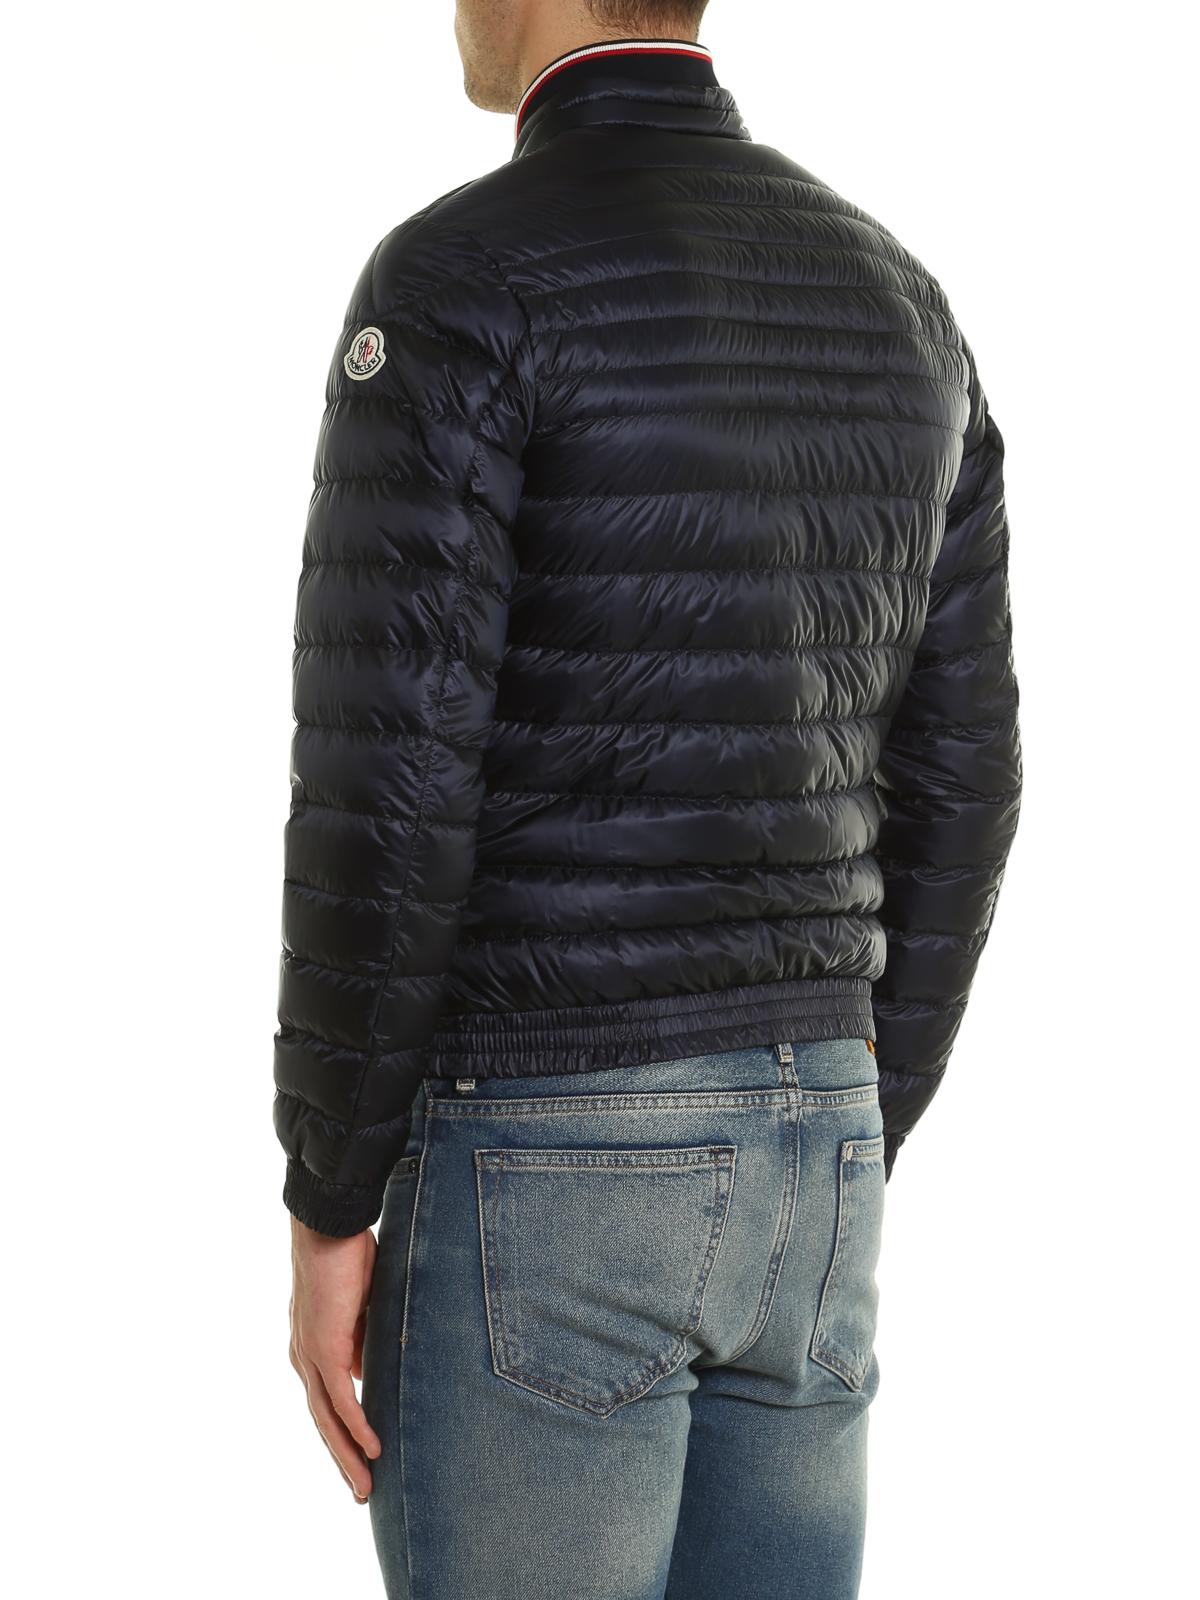 5c4cd7f5e Moncler - Garin padded jacket - padded jackets - C1 091 4136399 ...